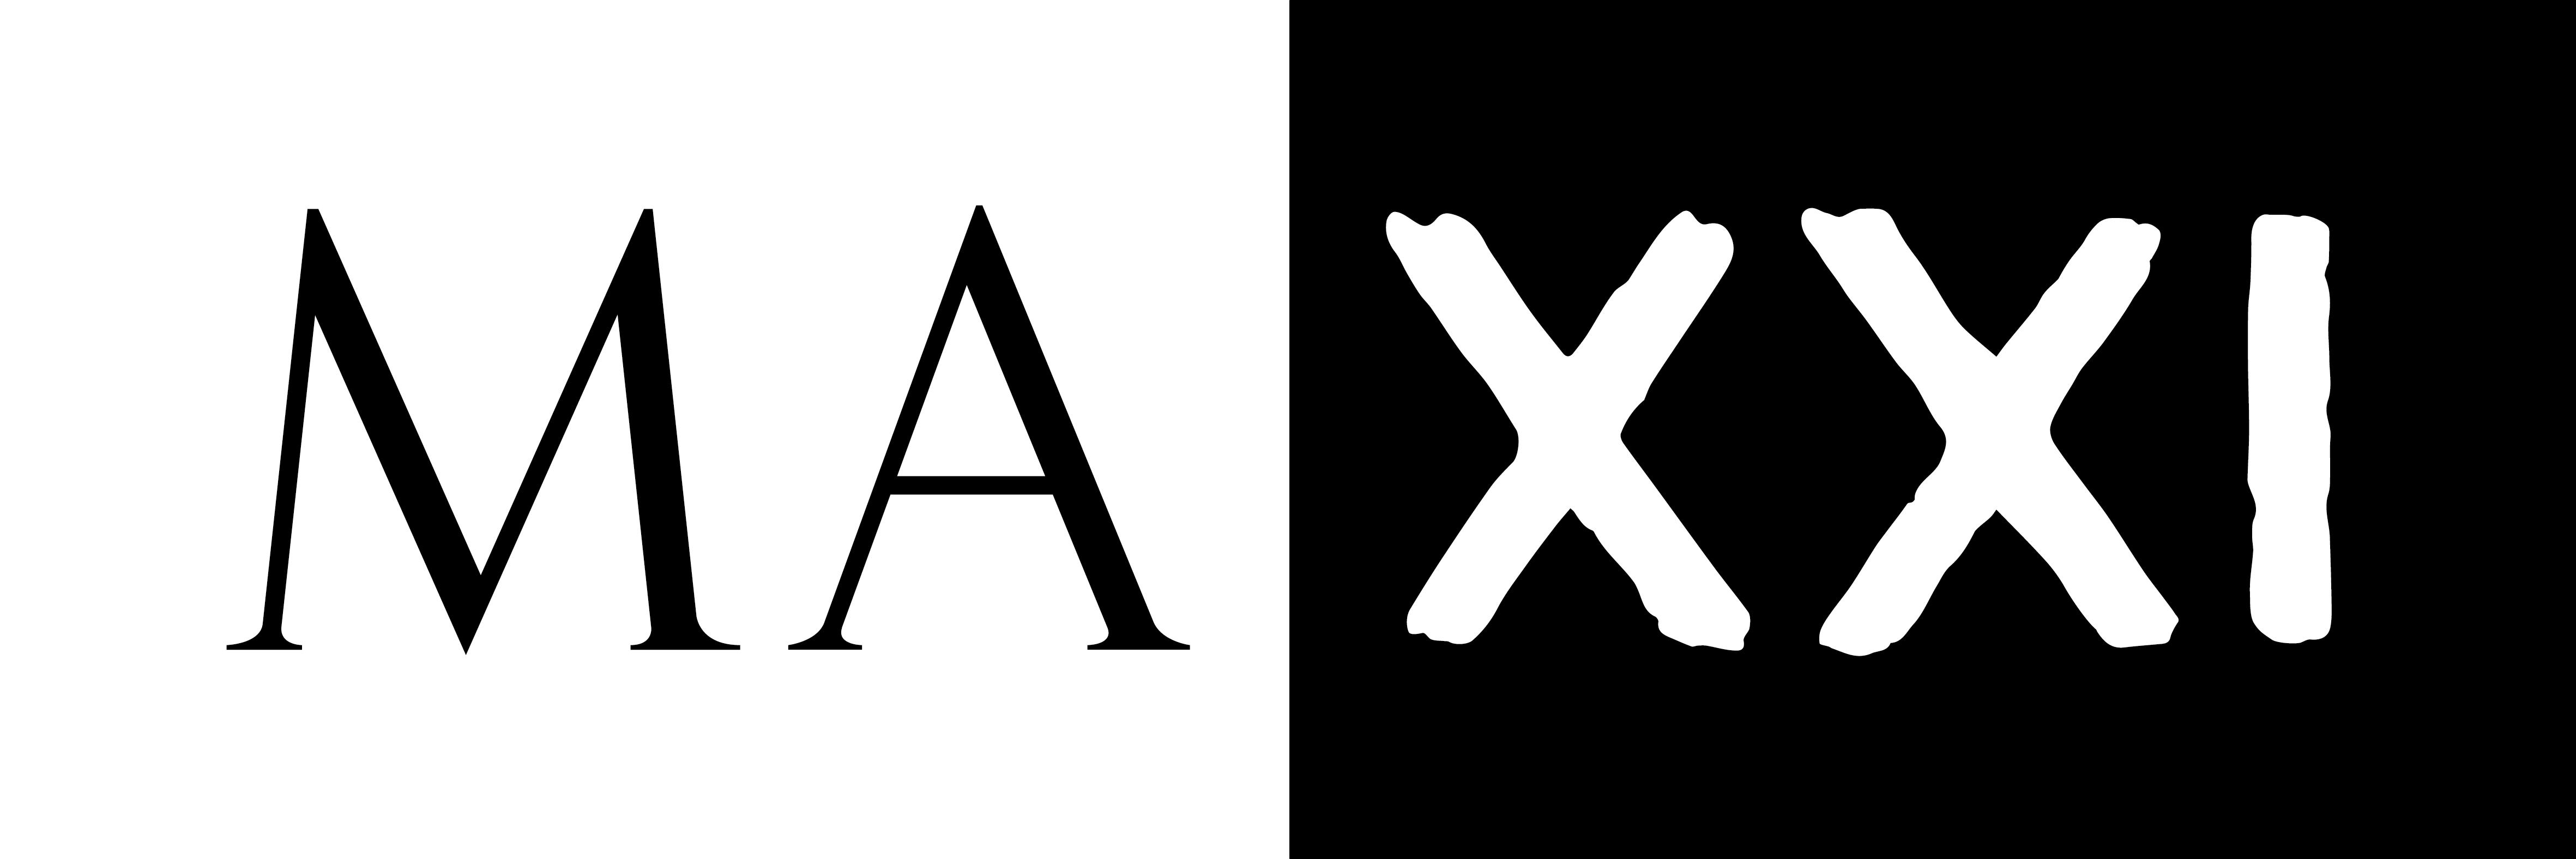 logo MAXXI